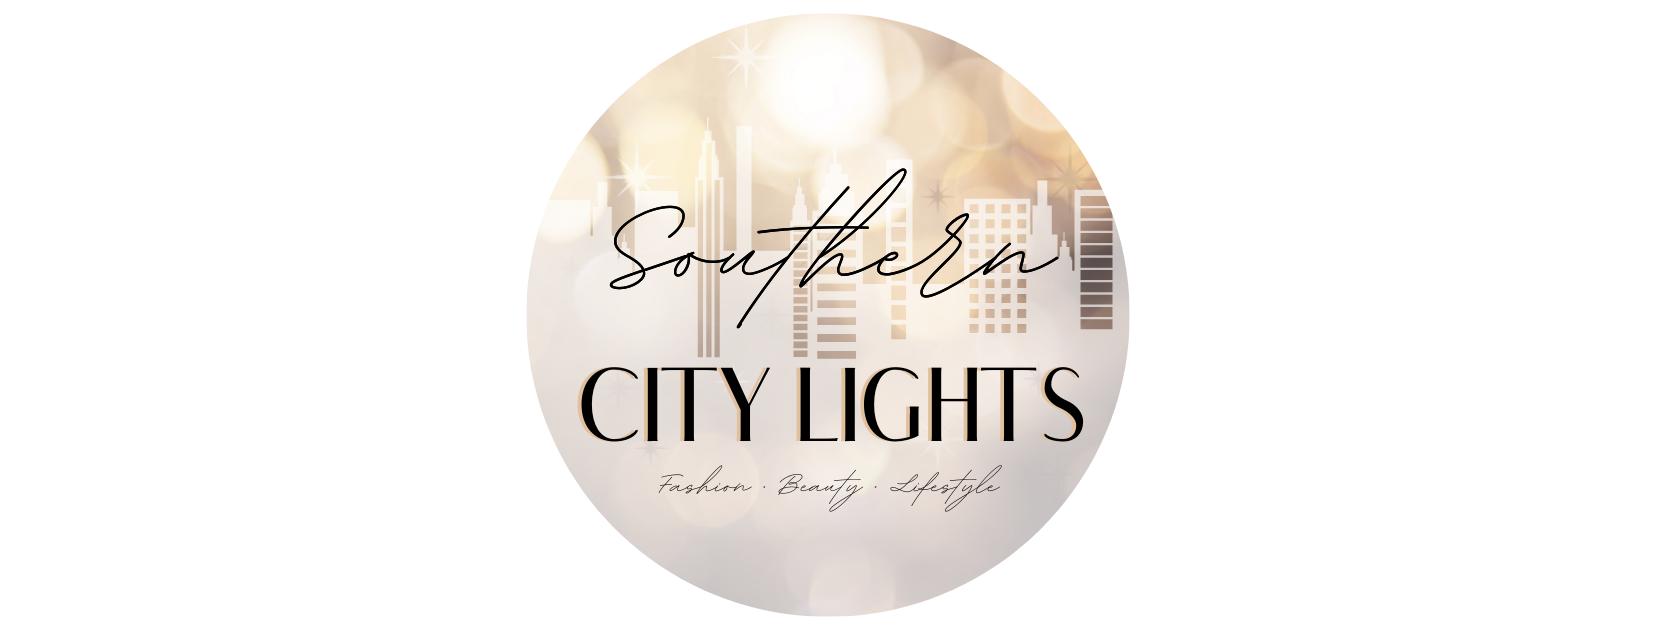 Southern City Lights